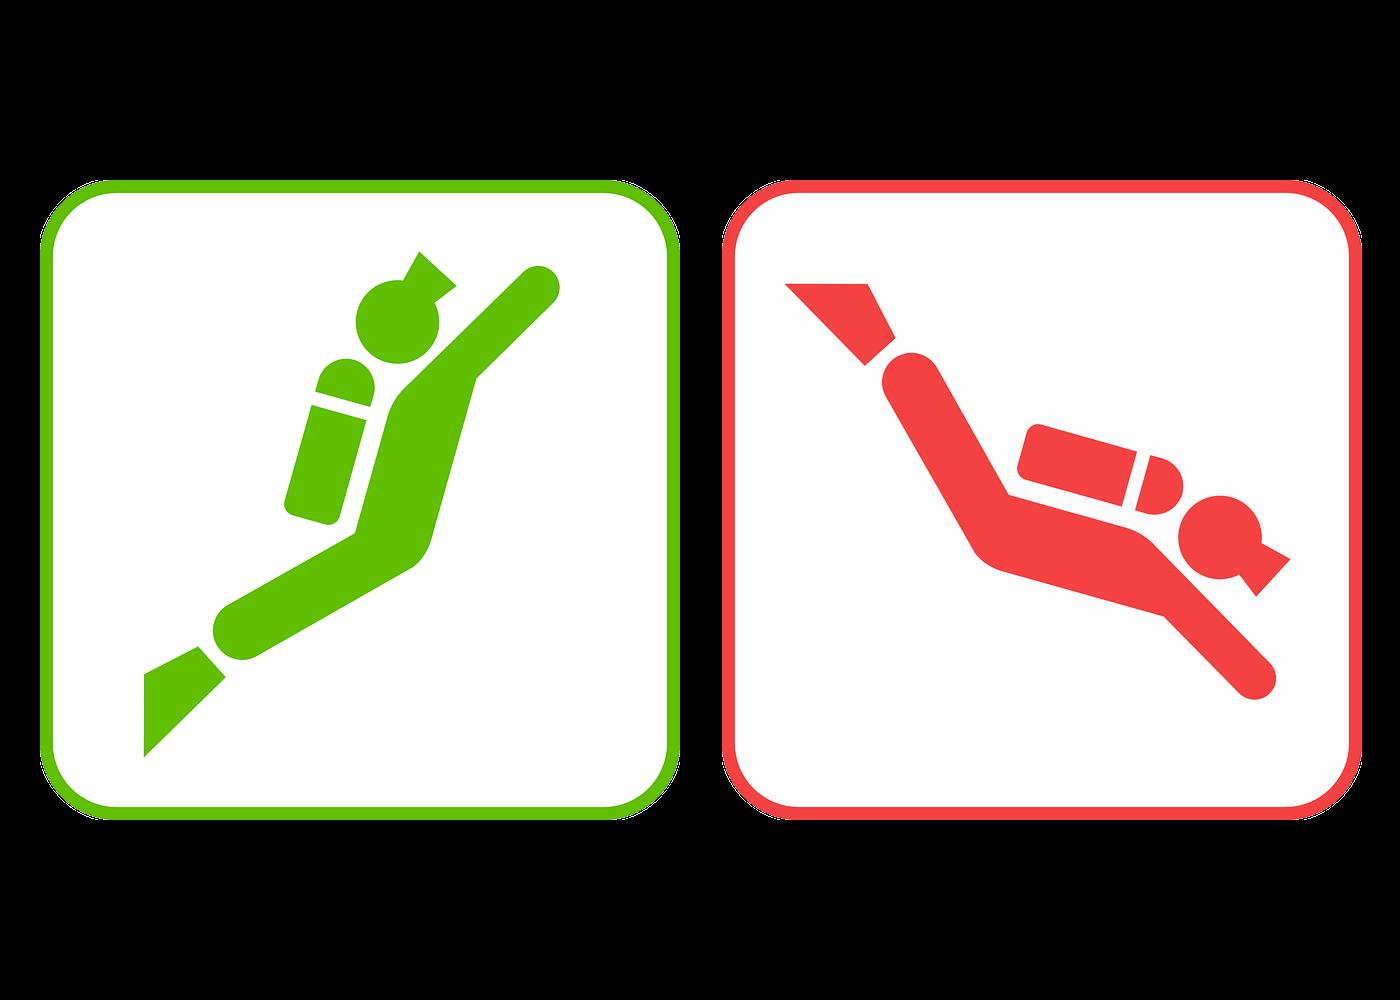 Descending Feet-First or Head-First